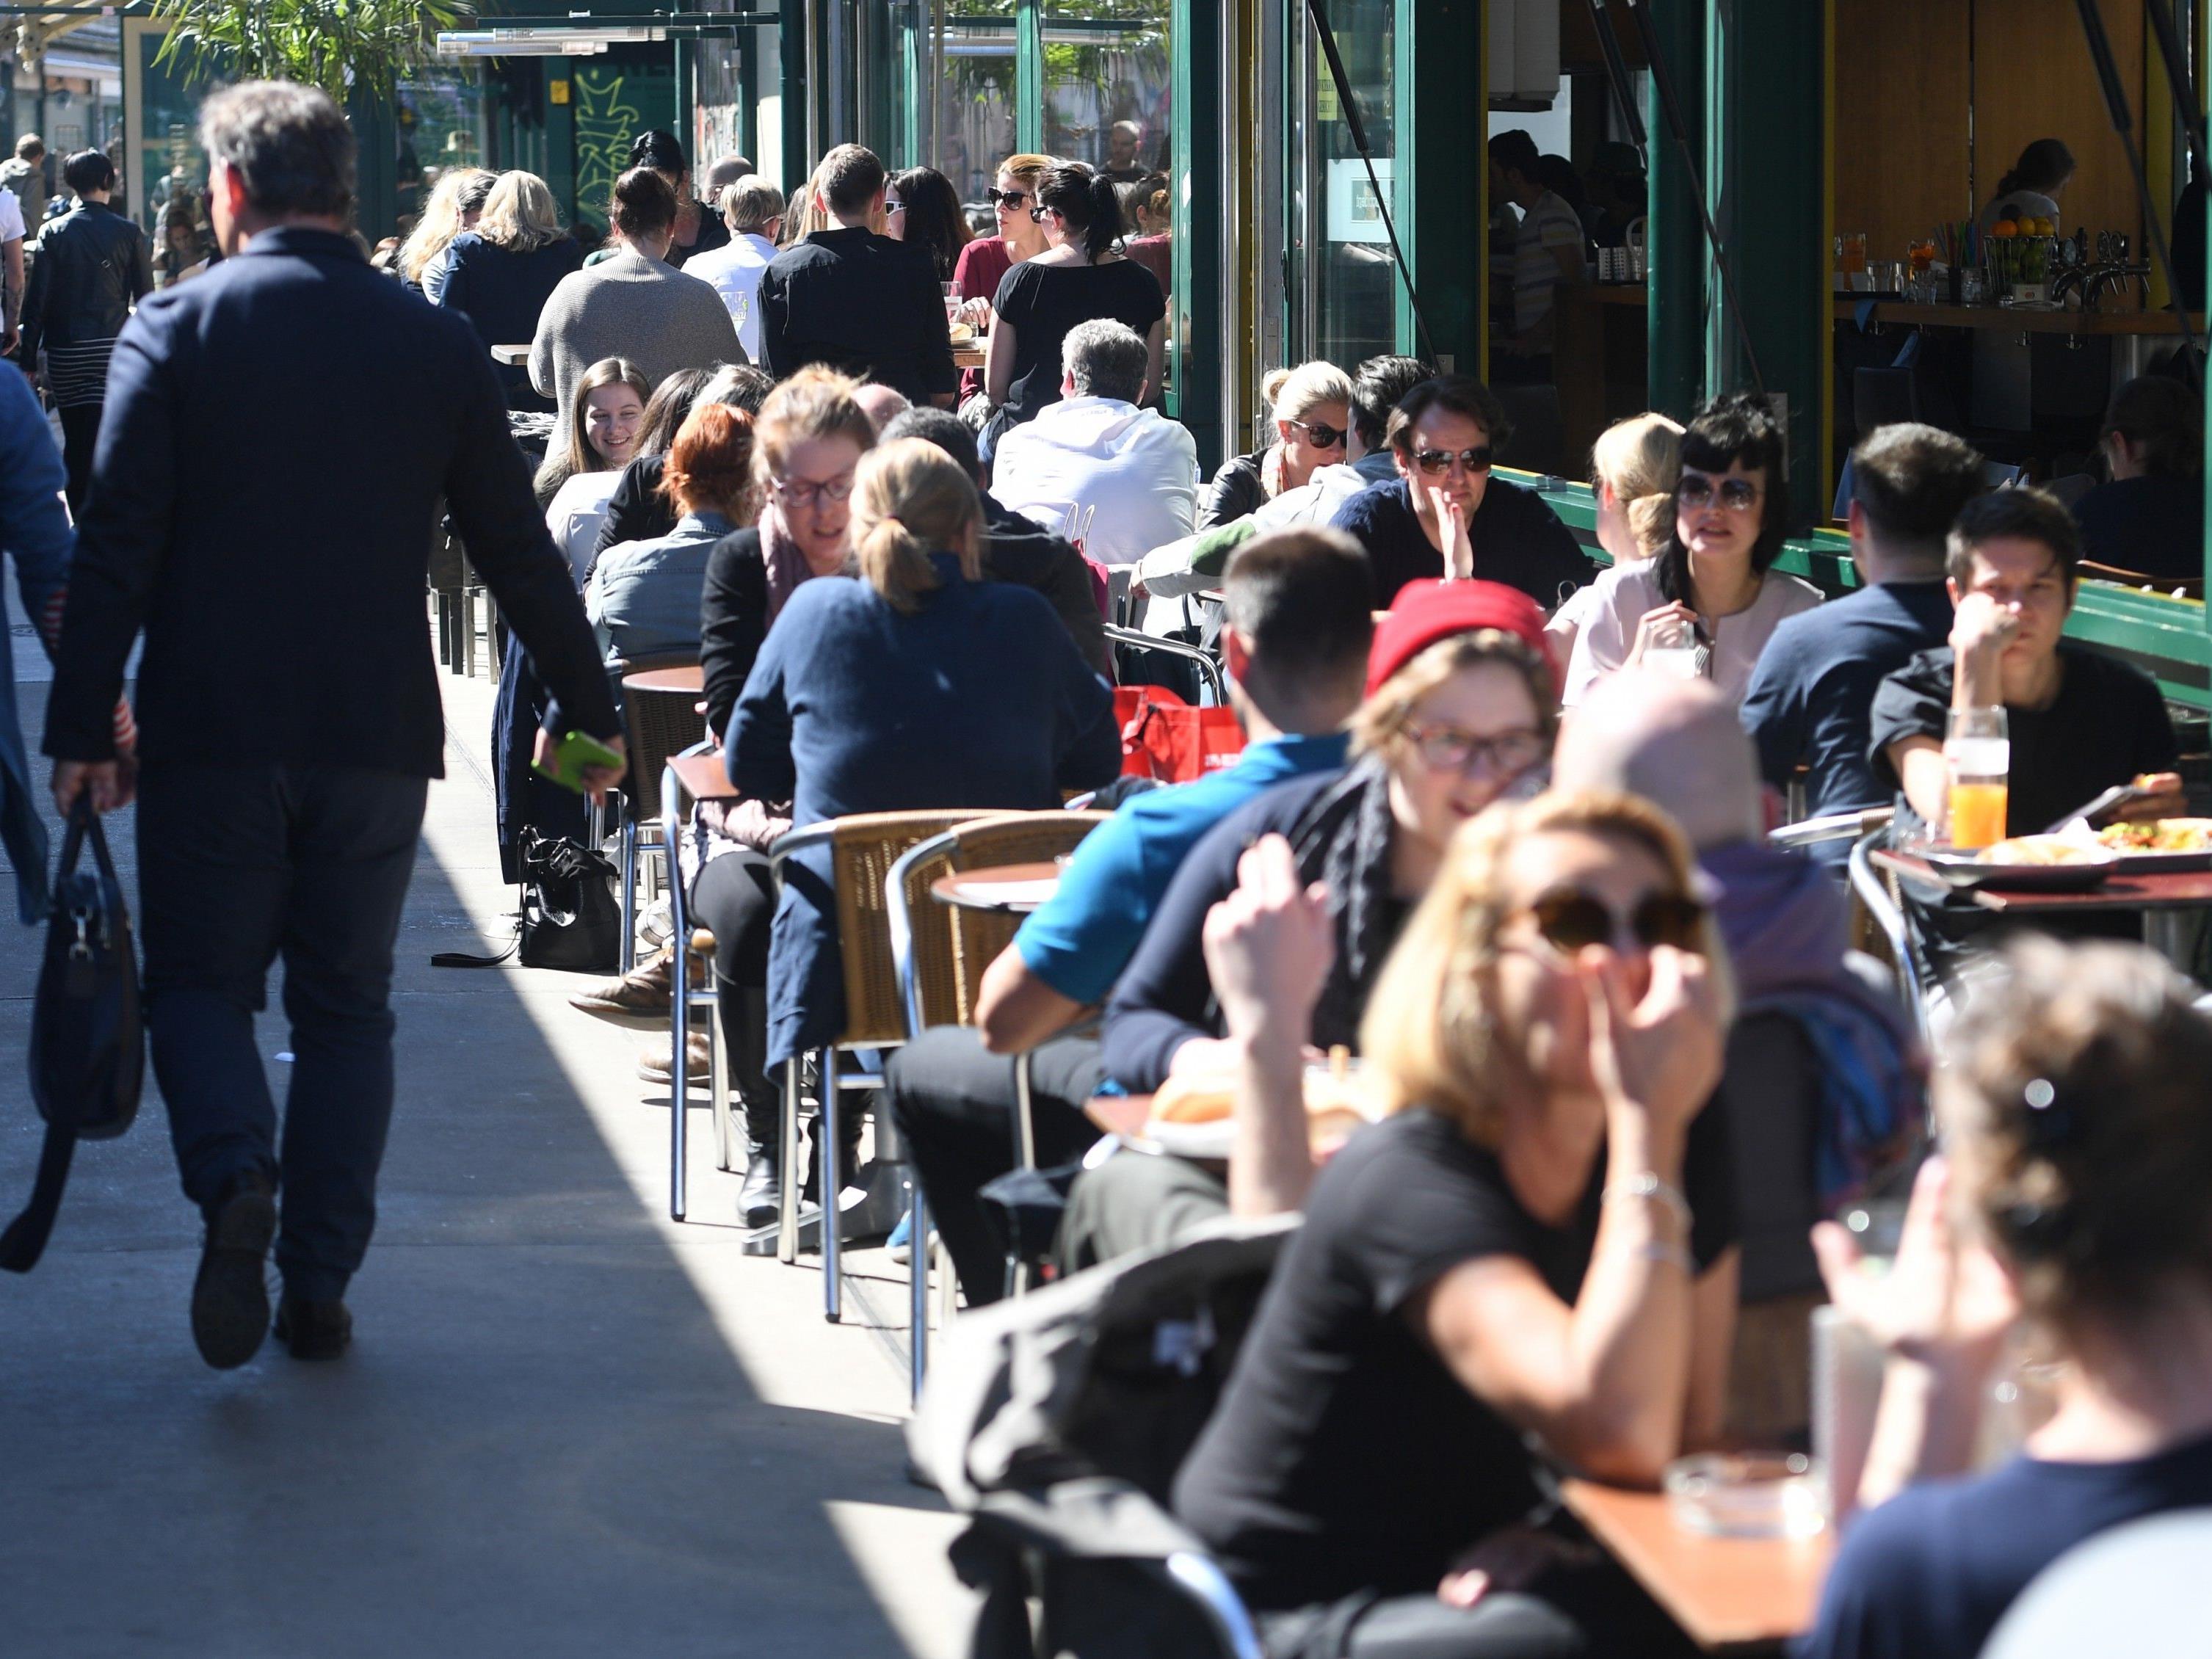 Eine Umfrage unter heimischen Tourismusbetrieben brachte überraschende Ergebnisse hervor